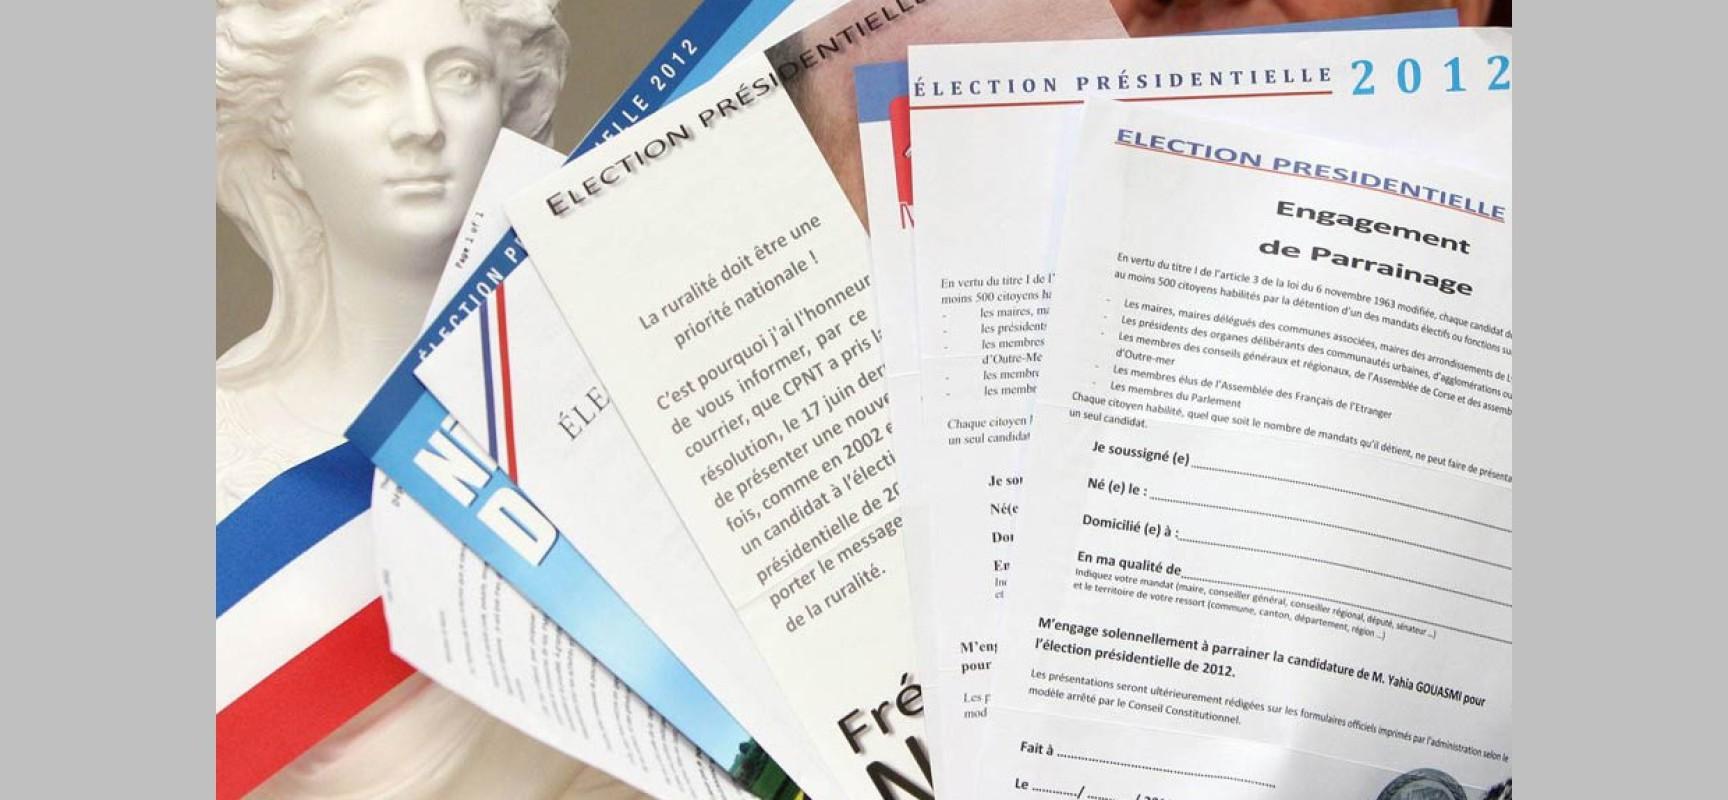 Communiqué de presse: Pour une publication intégrale des «parrainages» pour l'élection présidentielle